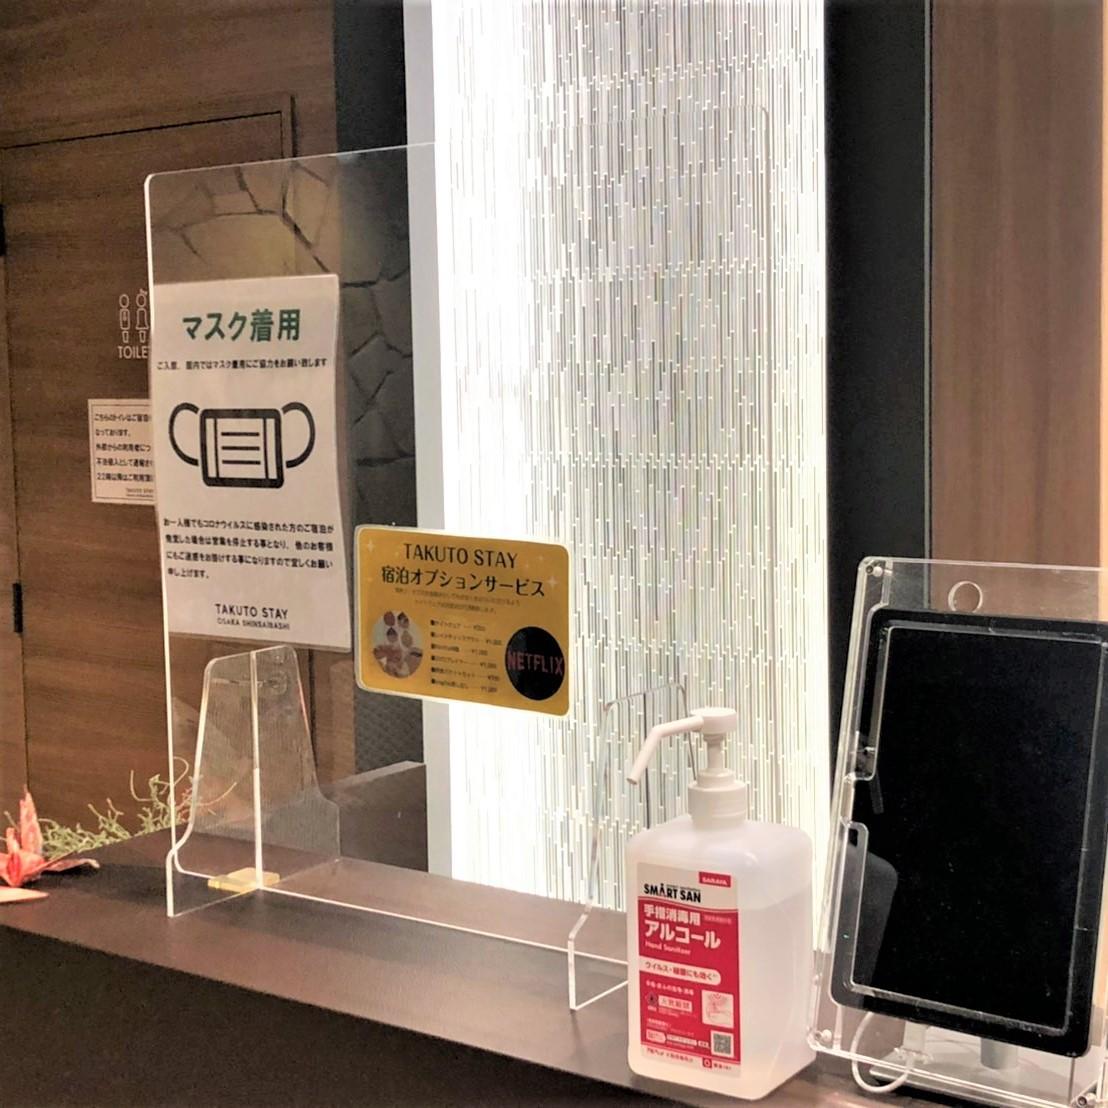 コロナ対策 フロントにはアクリル板設置 スタッフ一同マスク着用。